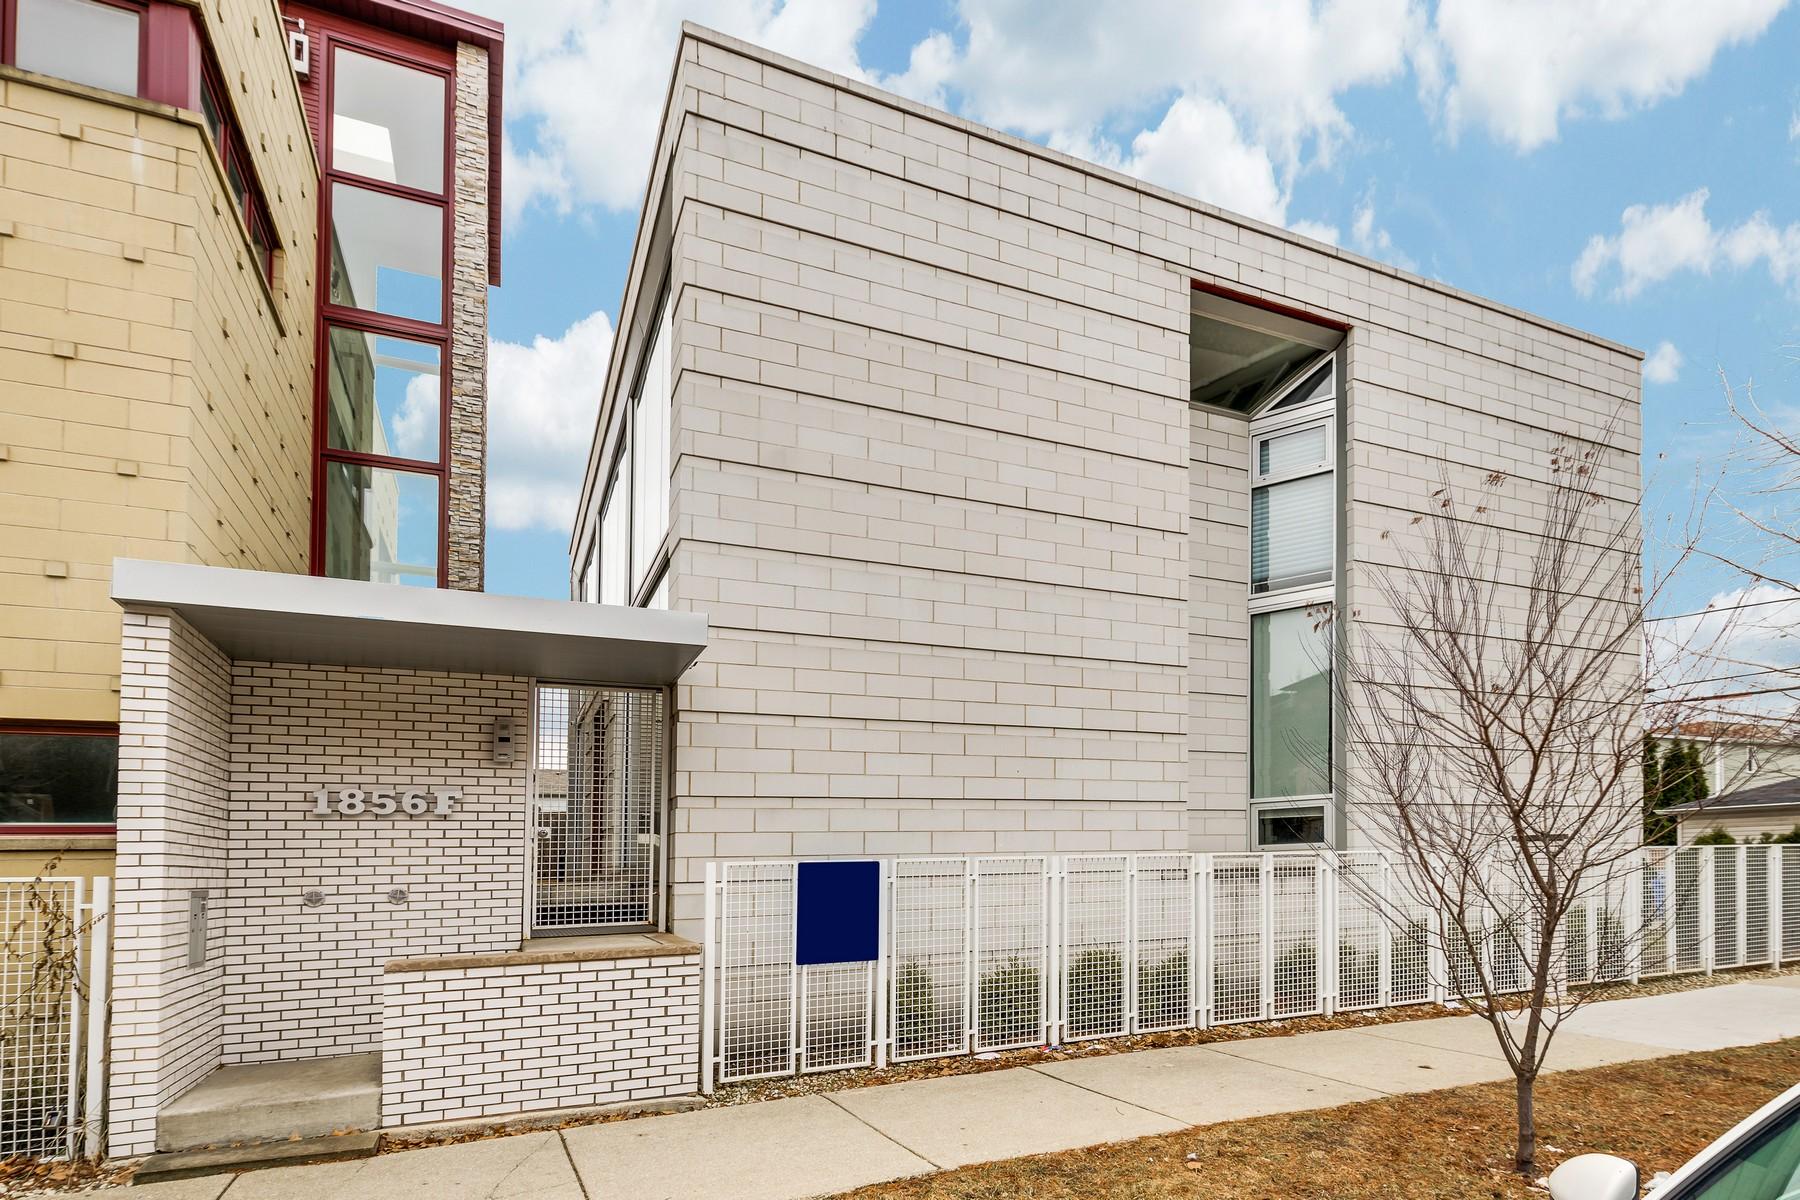 Einfamilienhaus für Verkauf beim Wonderful Contemporary Smart Home on Wide Lot 2735 W Cortland Street Logan Square, Chicago, Illinois, 60647 Vereinigte Staaten